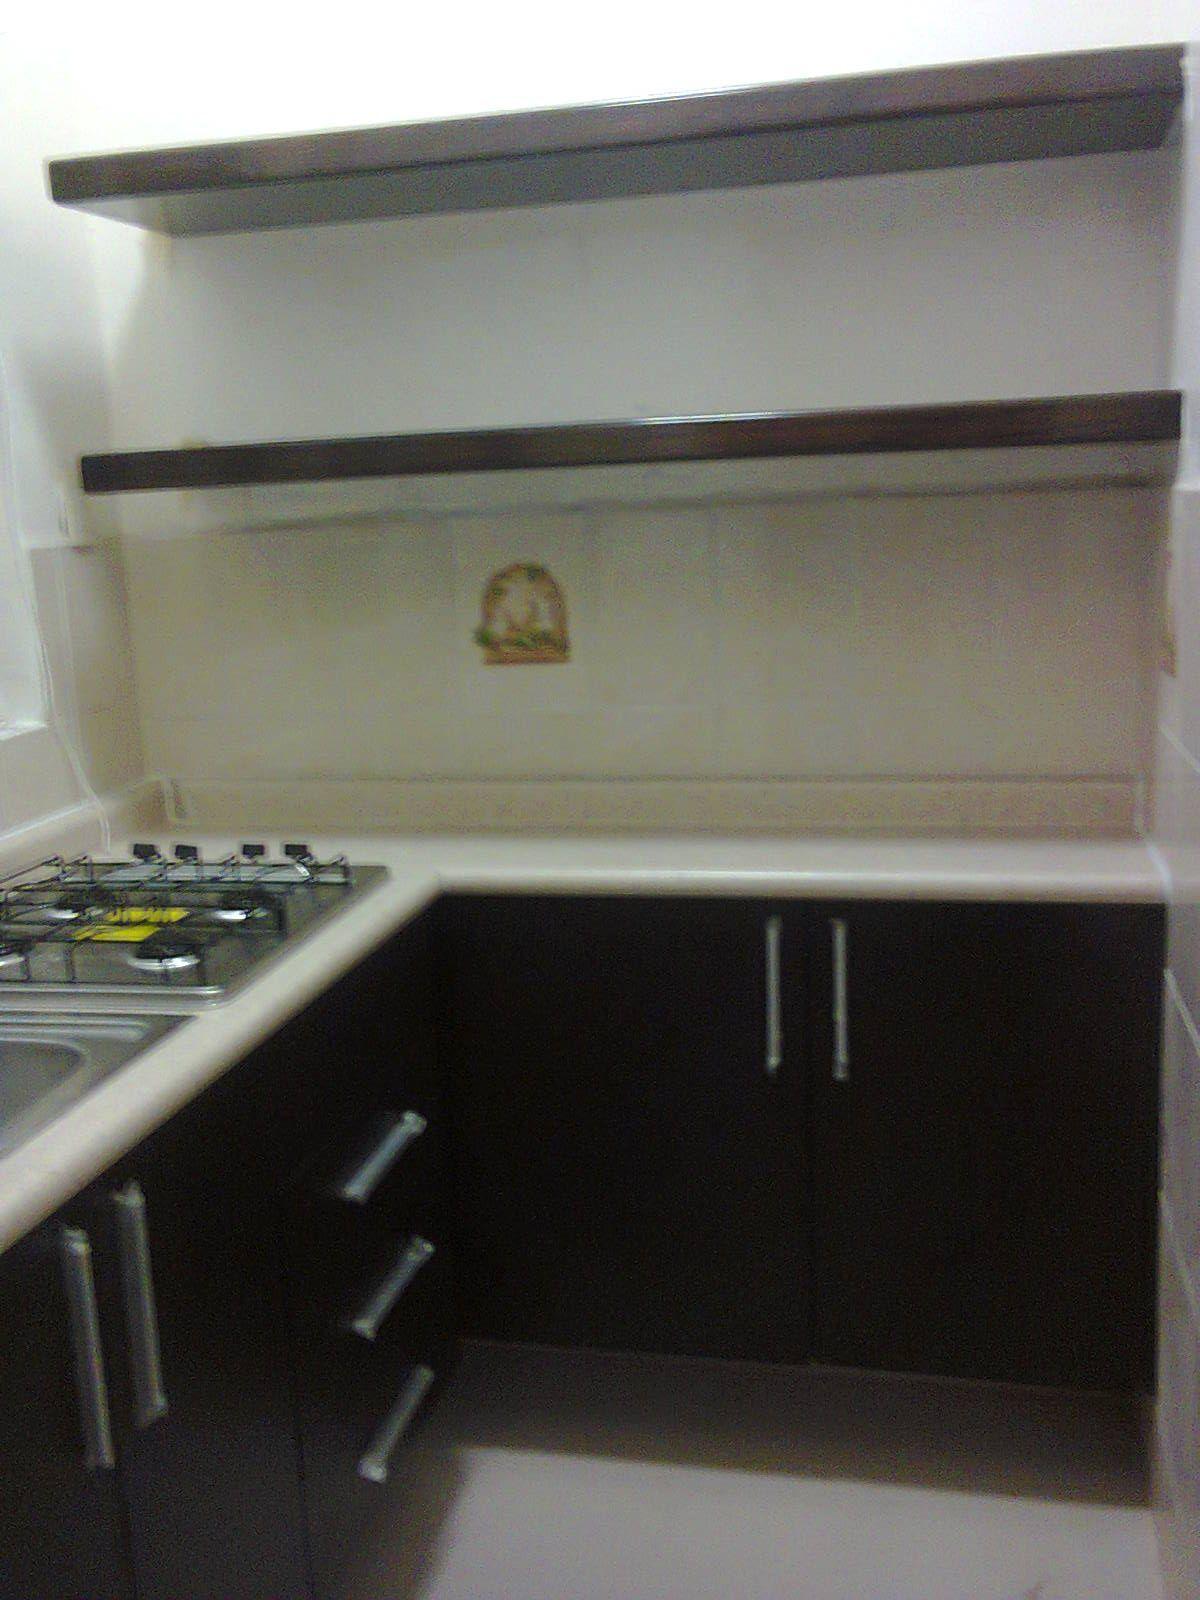 Cocina y repisas flotantes cocinas integrales muebles y for Cocinas y muebles integrales